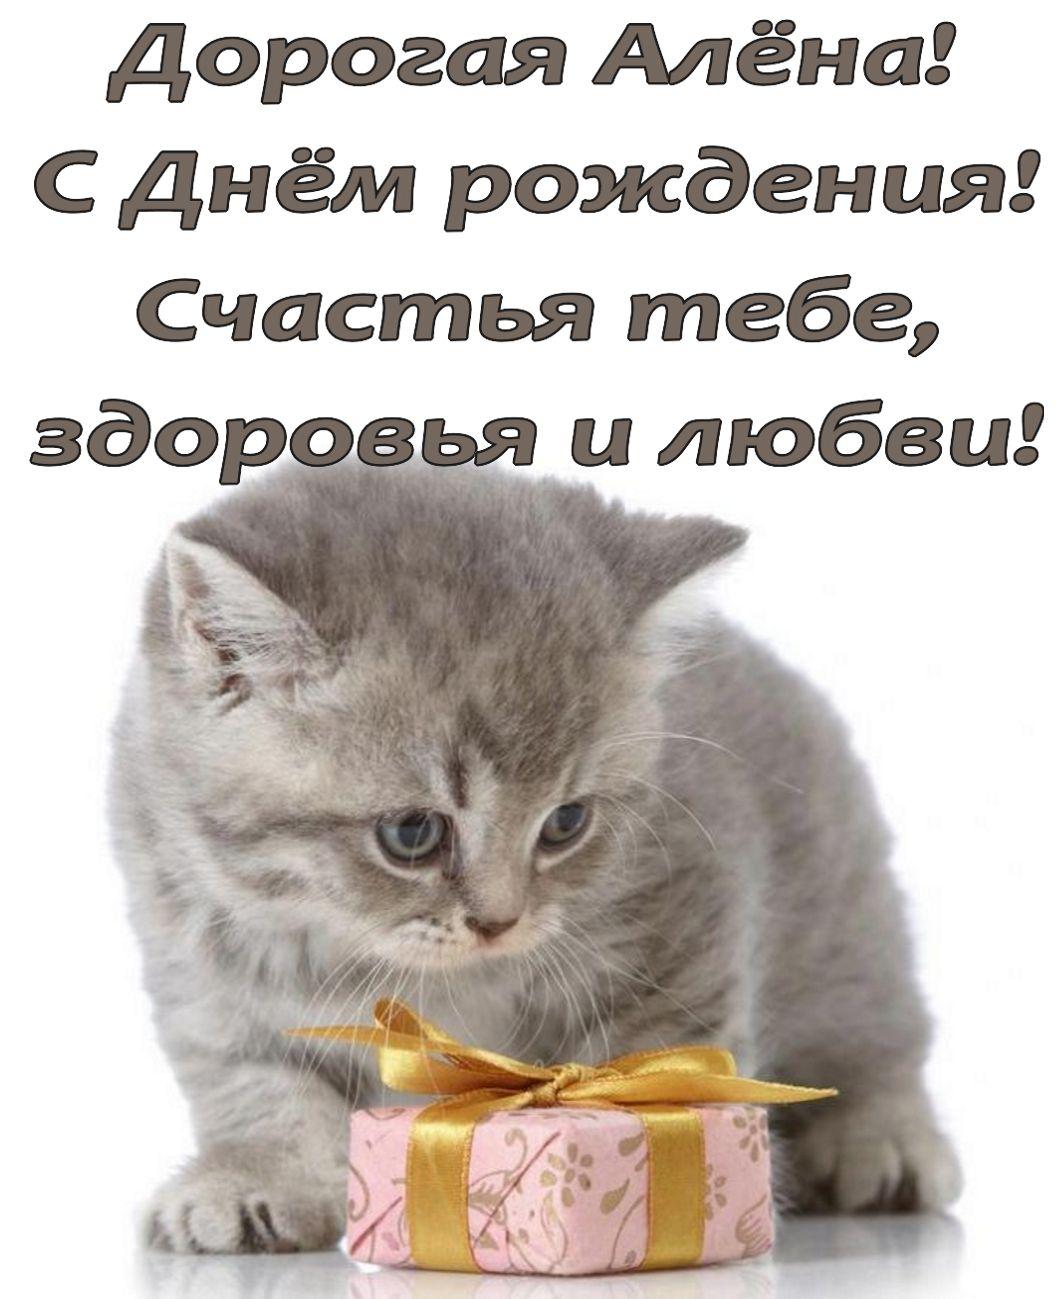 Поздравление с днем рождения с котиками